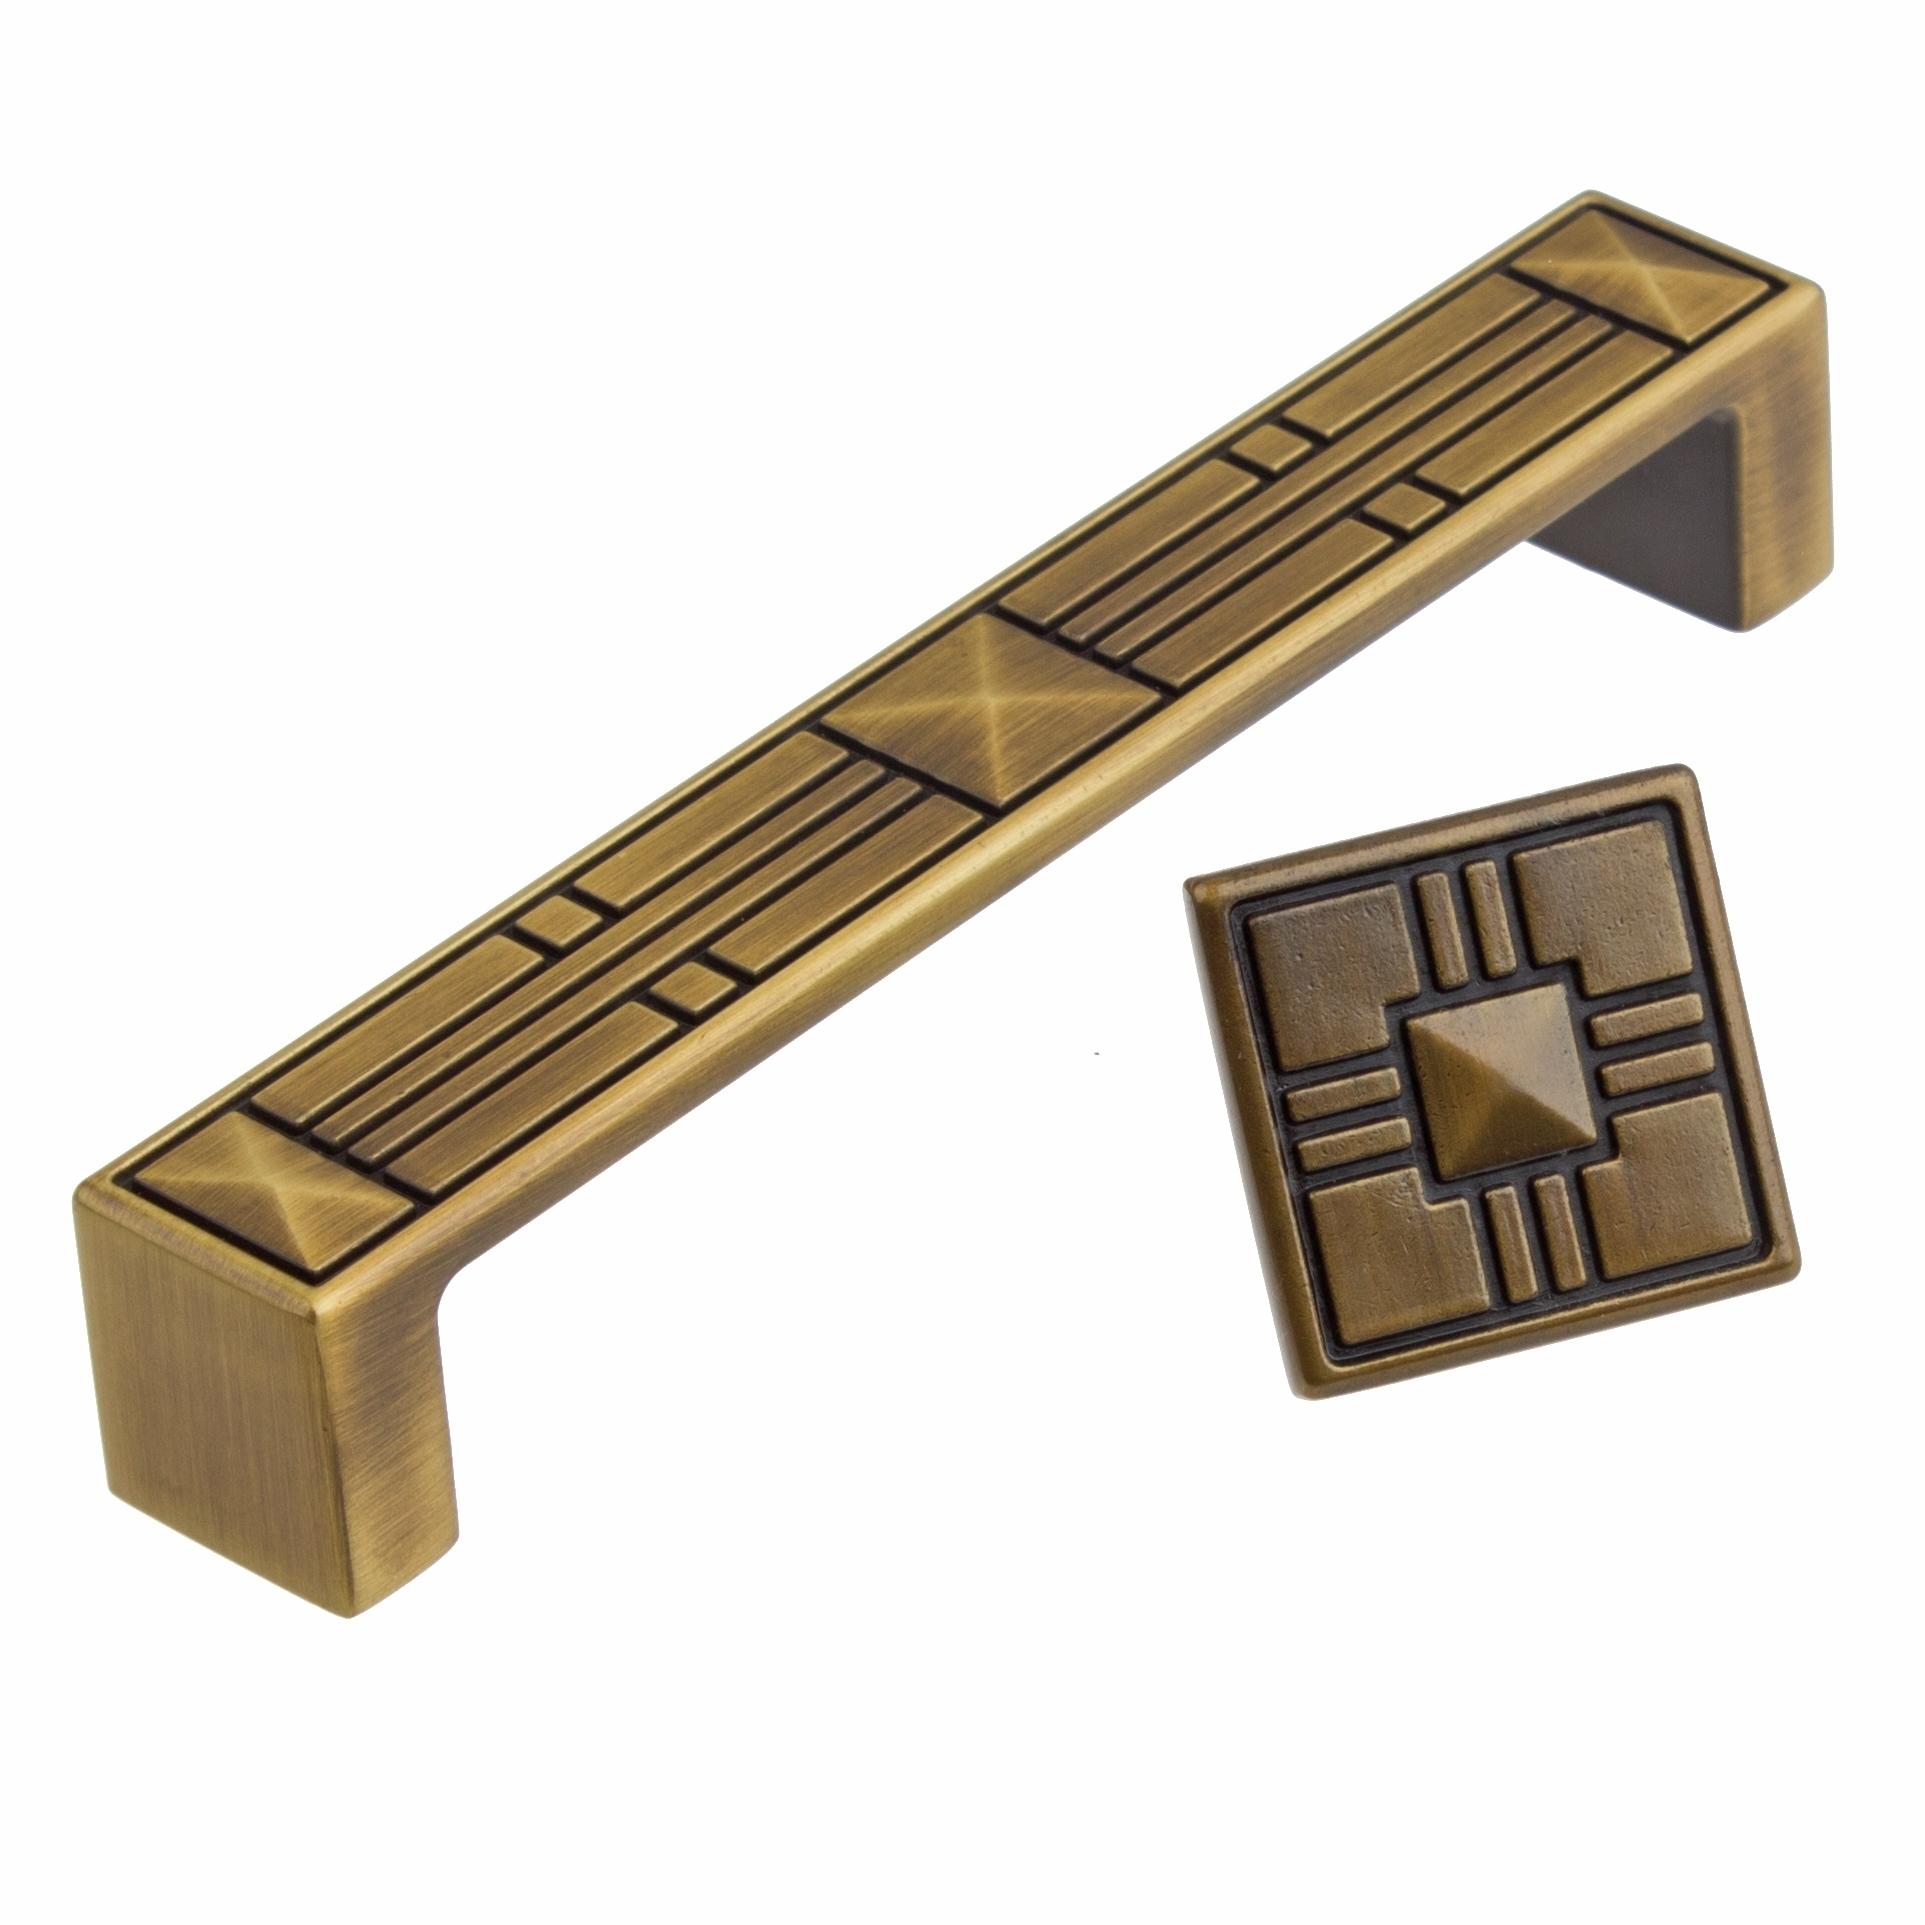 cabinet door pulls and knobs photo - 3